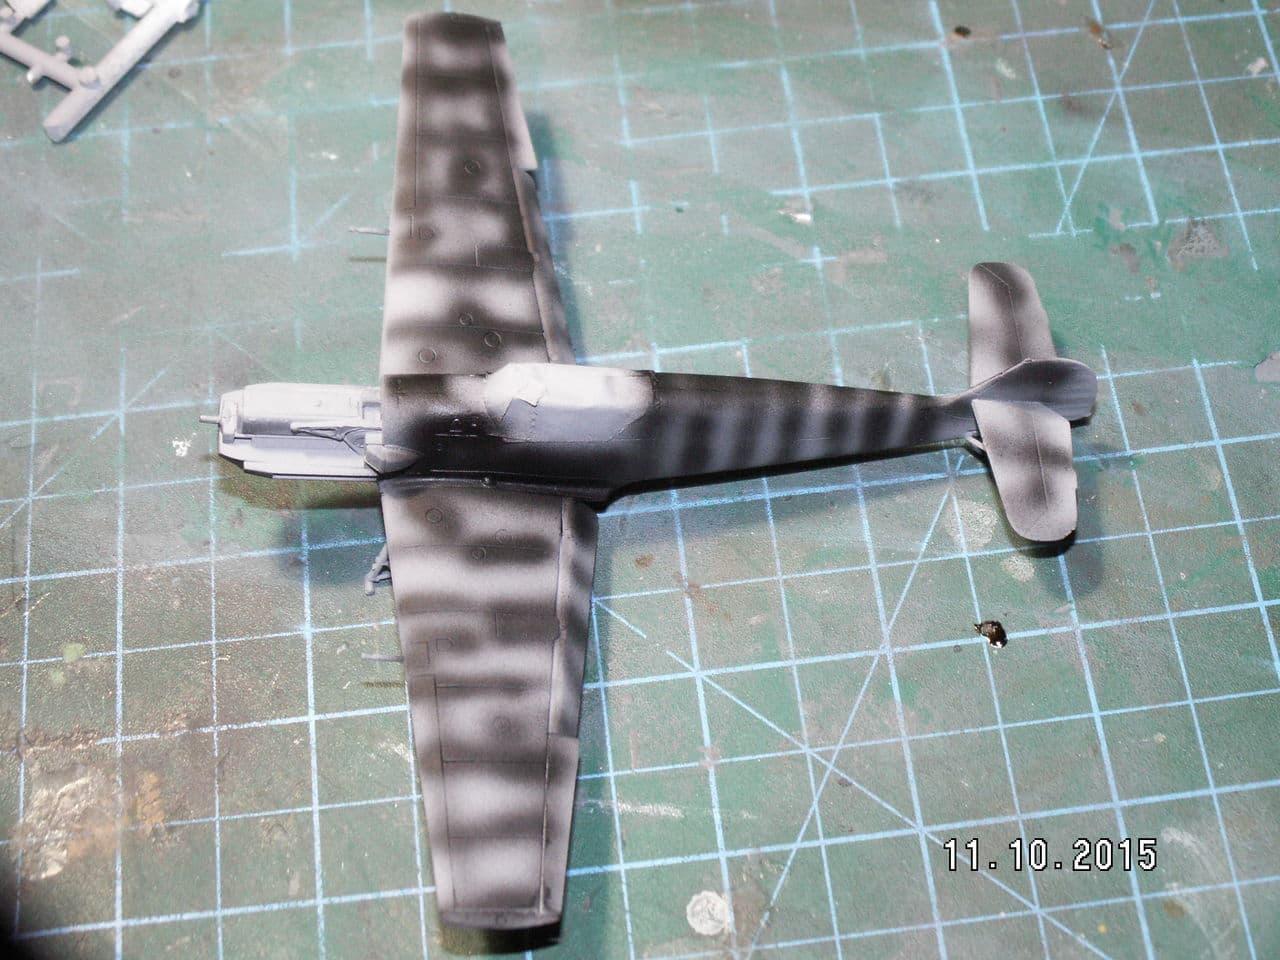 Messerschmitt Bf 109 E-3 / E-4 arfix - Σελίδα 2 PICT0121